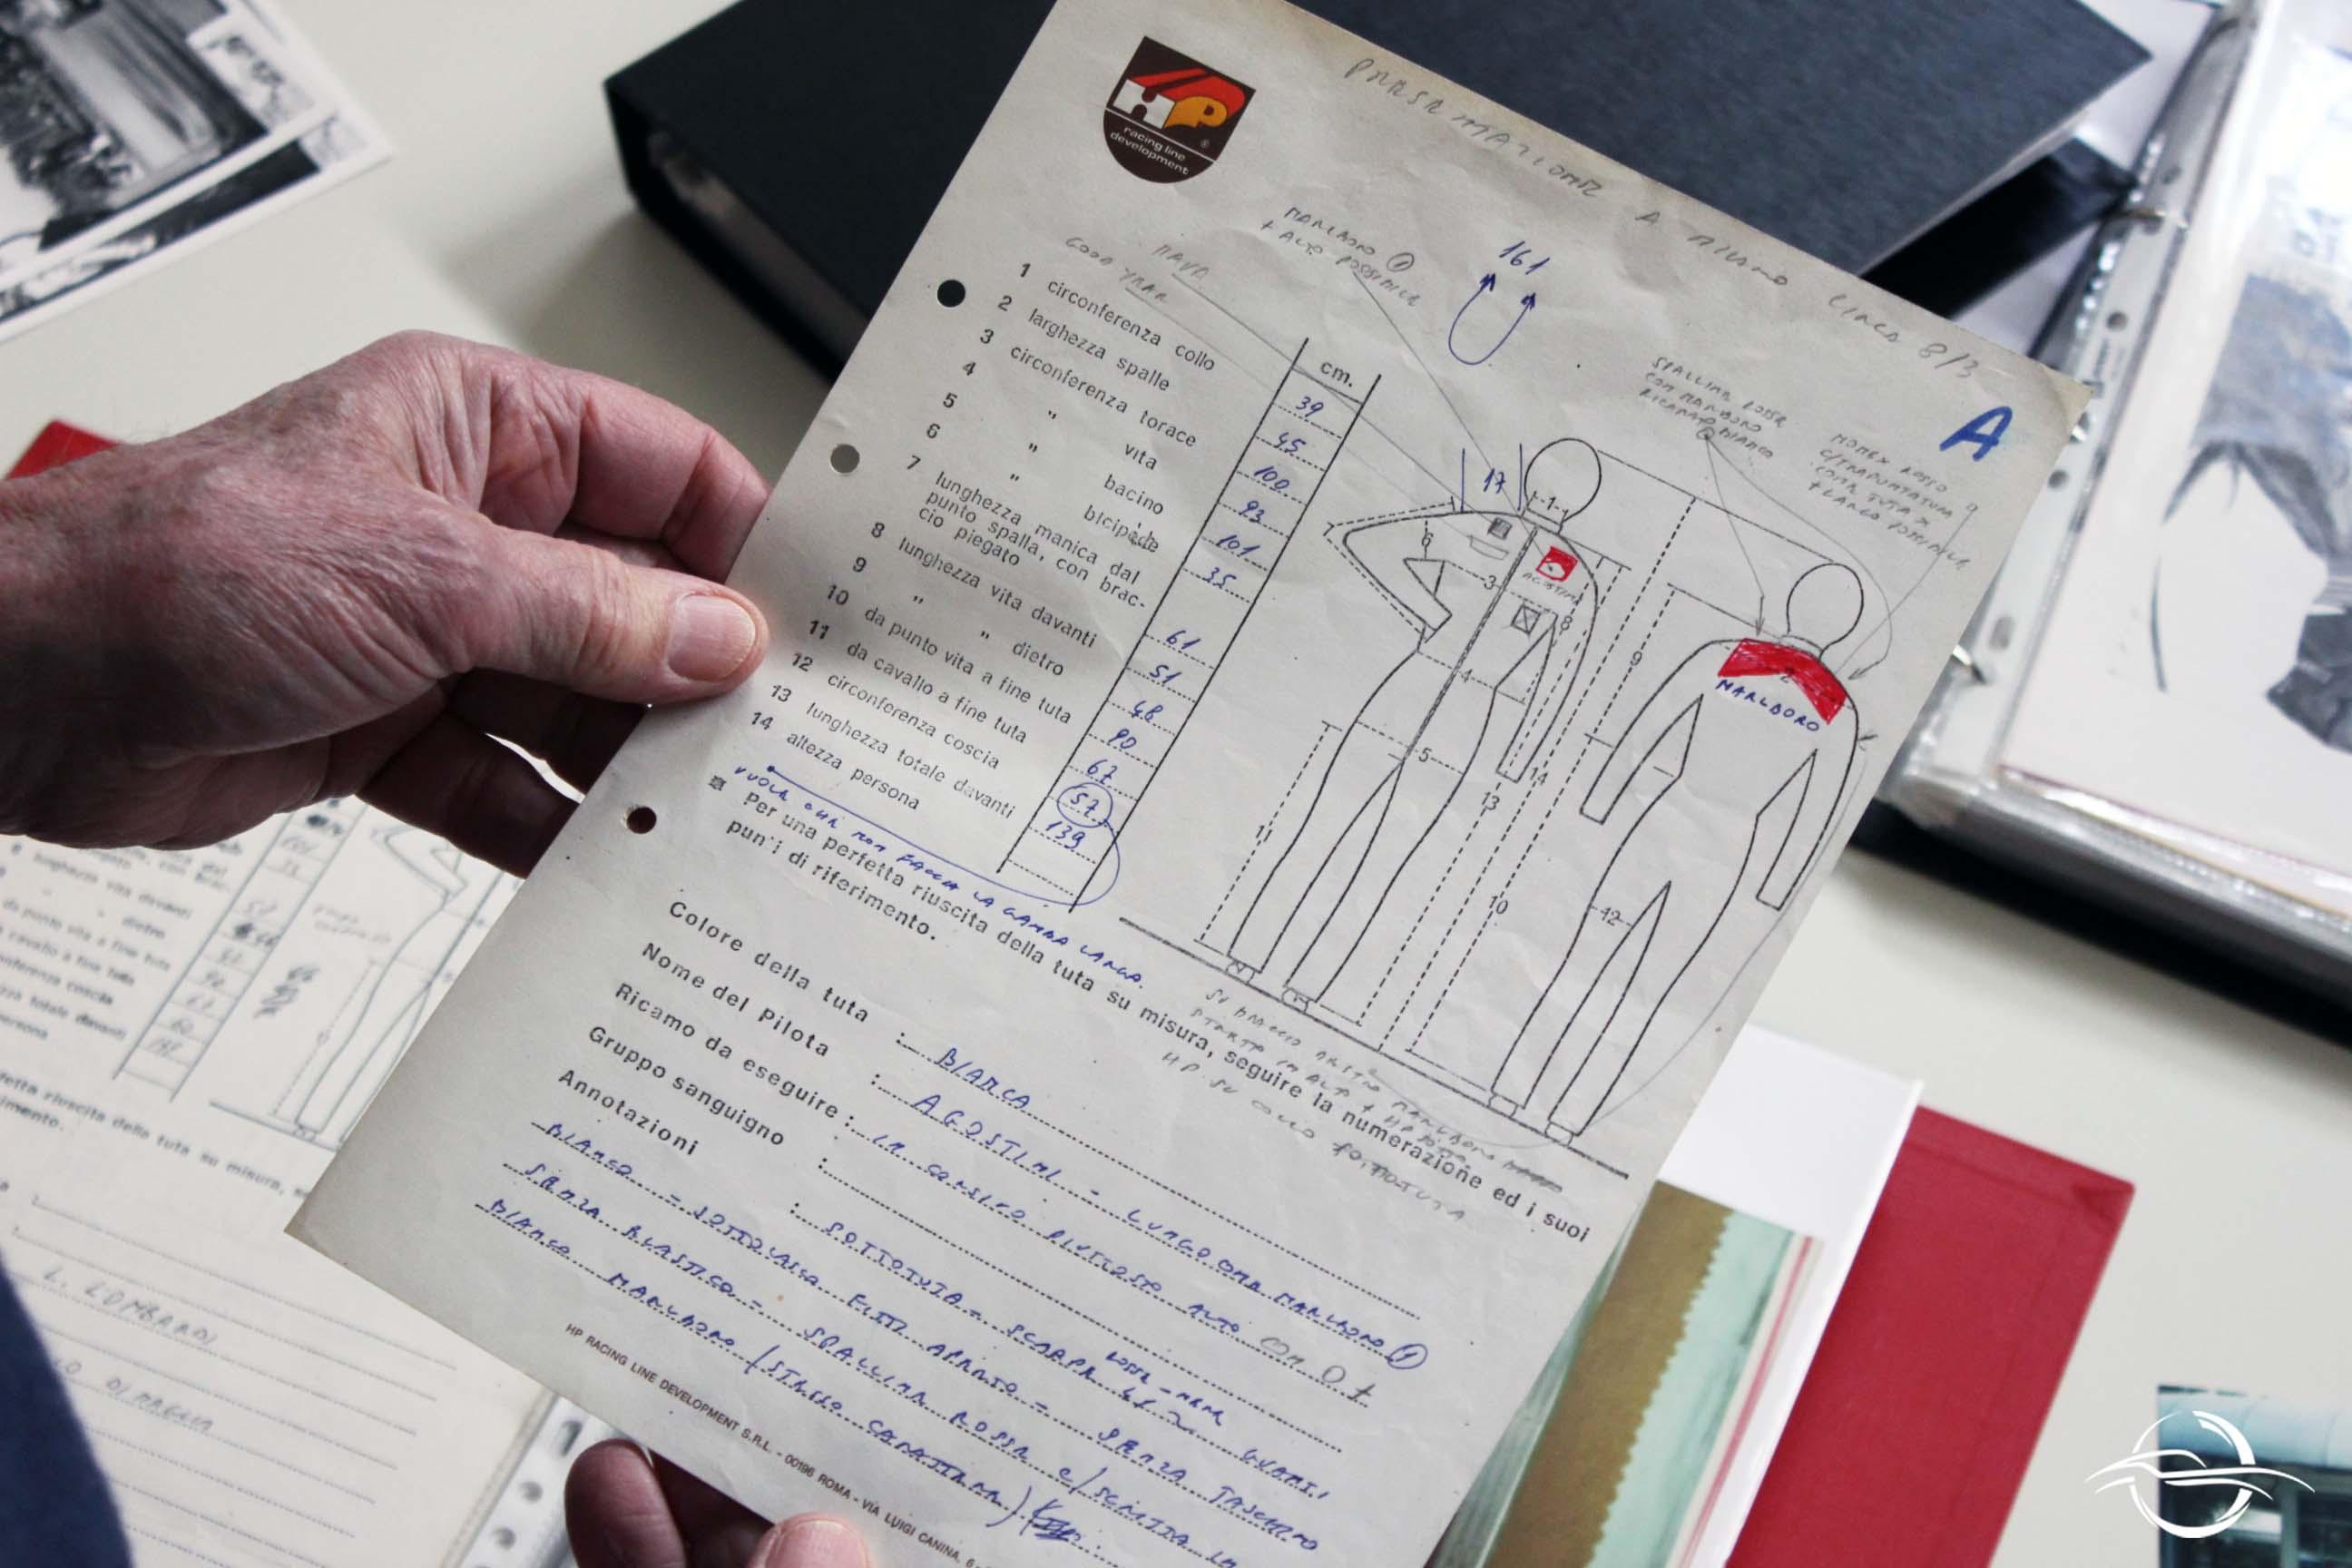 scheda della tuta di Giacomo Agostini